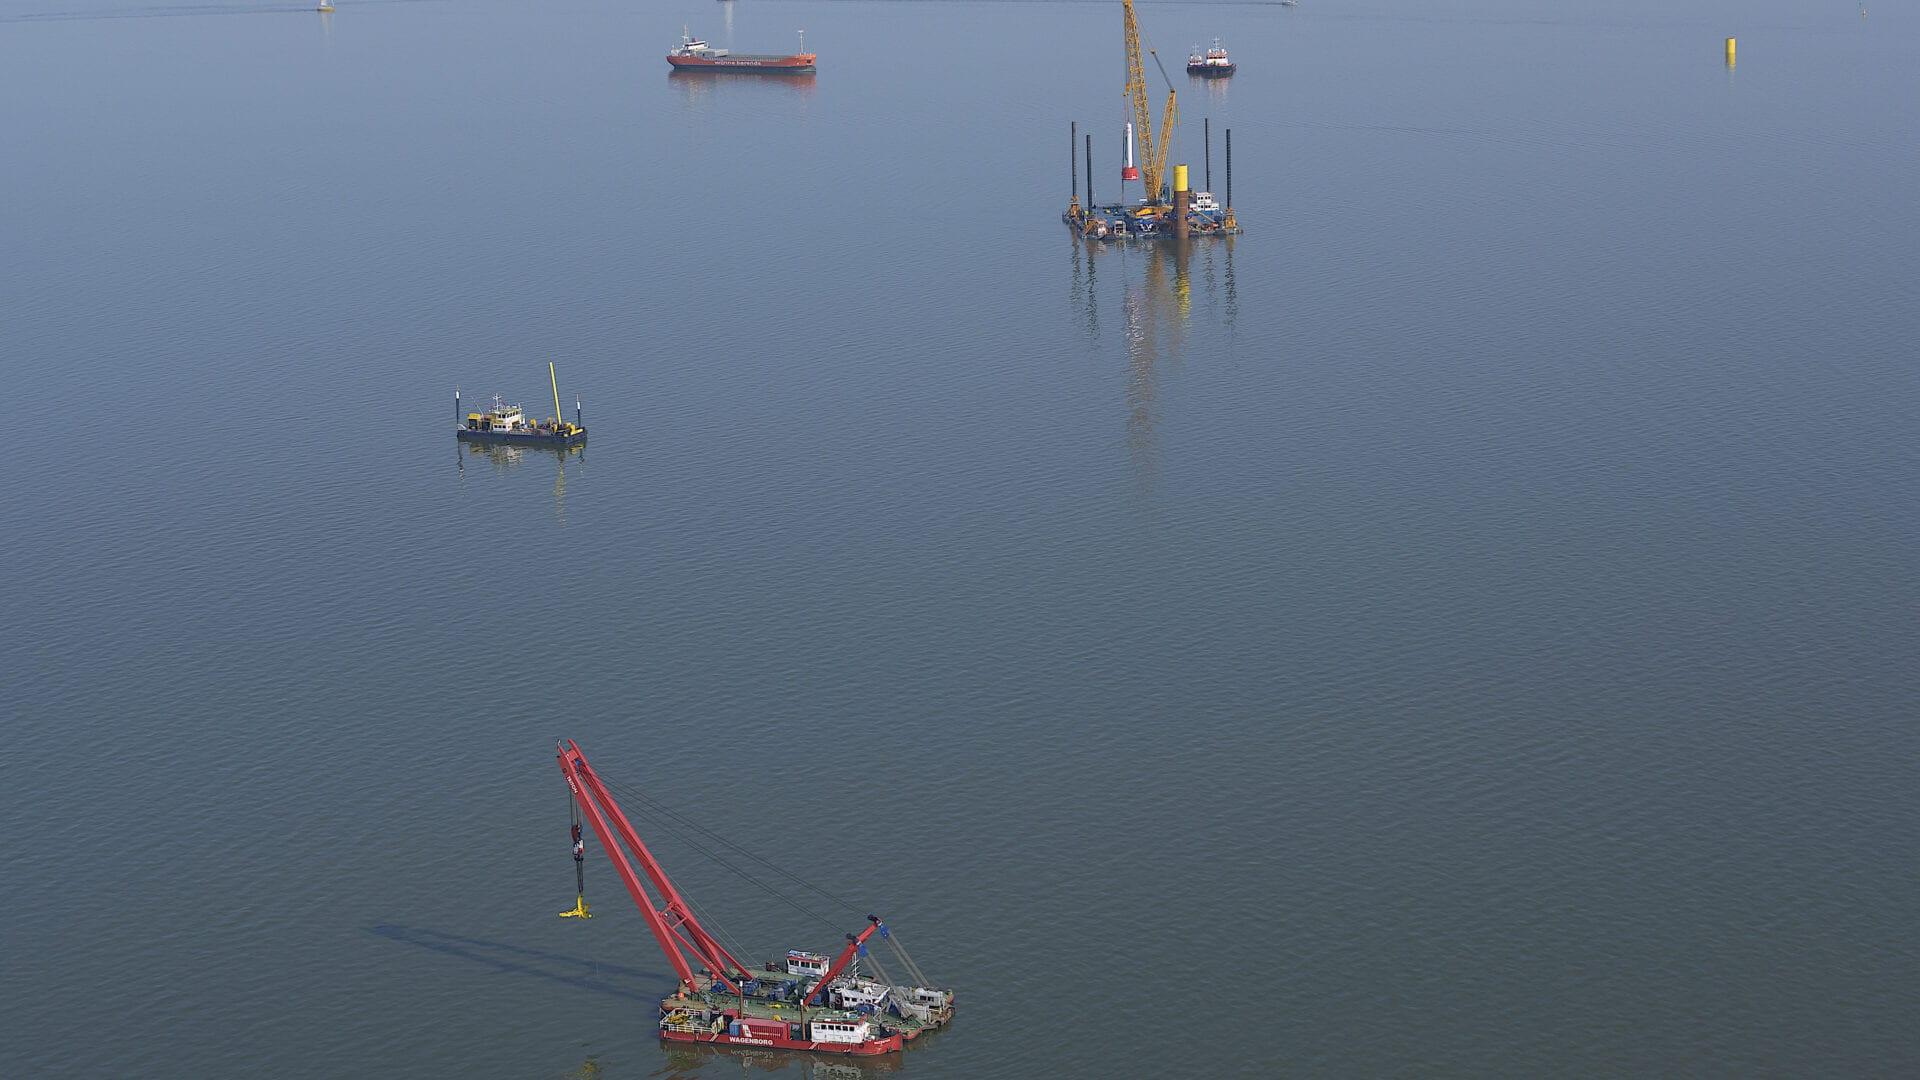 We kijken uit over het water van de Afsluitdijk en er varen verschillende boten met kranen in.